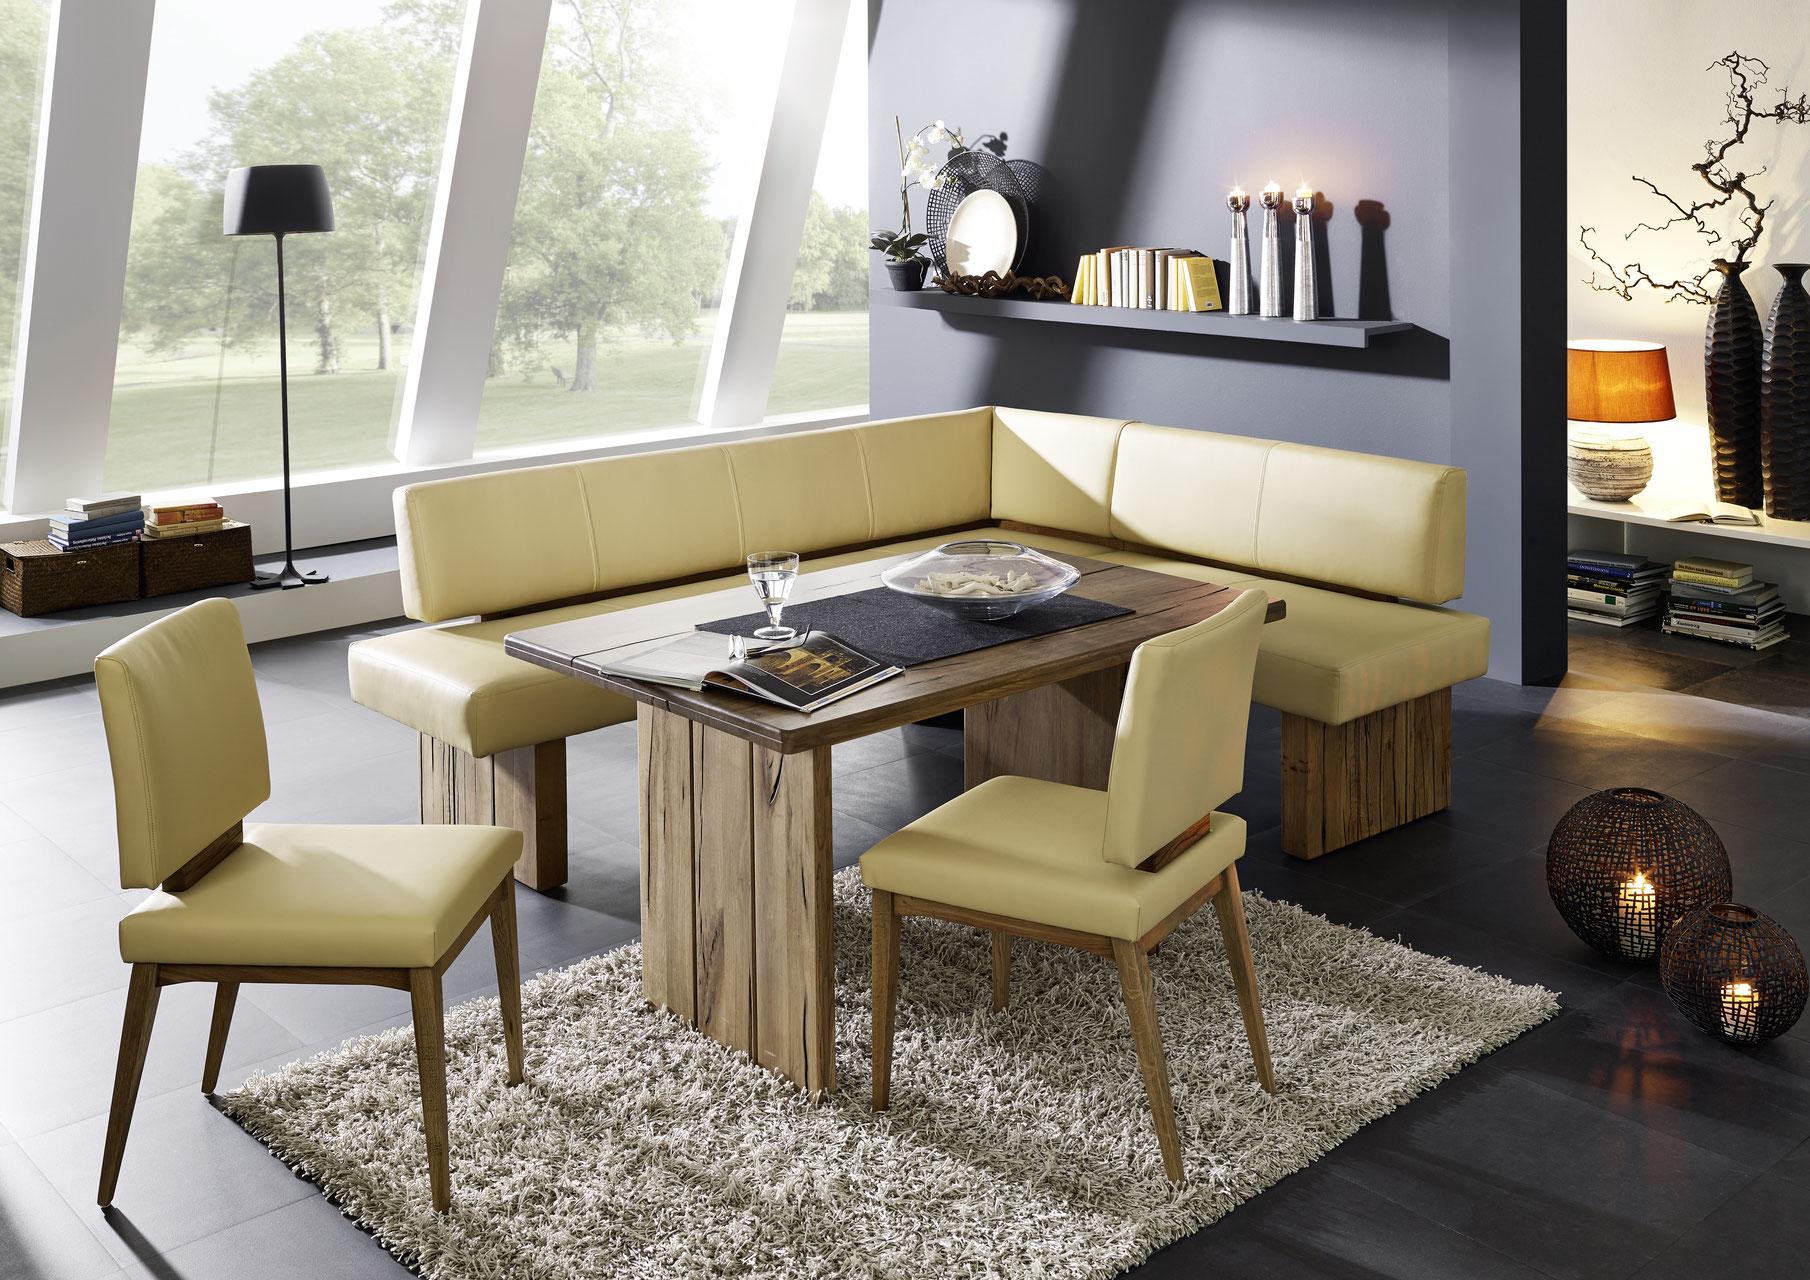 edle eckbank echtleder naturnah m bel moderne. Black Bedroom Furniture Sets. Home Design Ideas